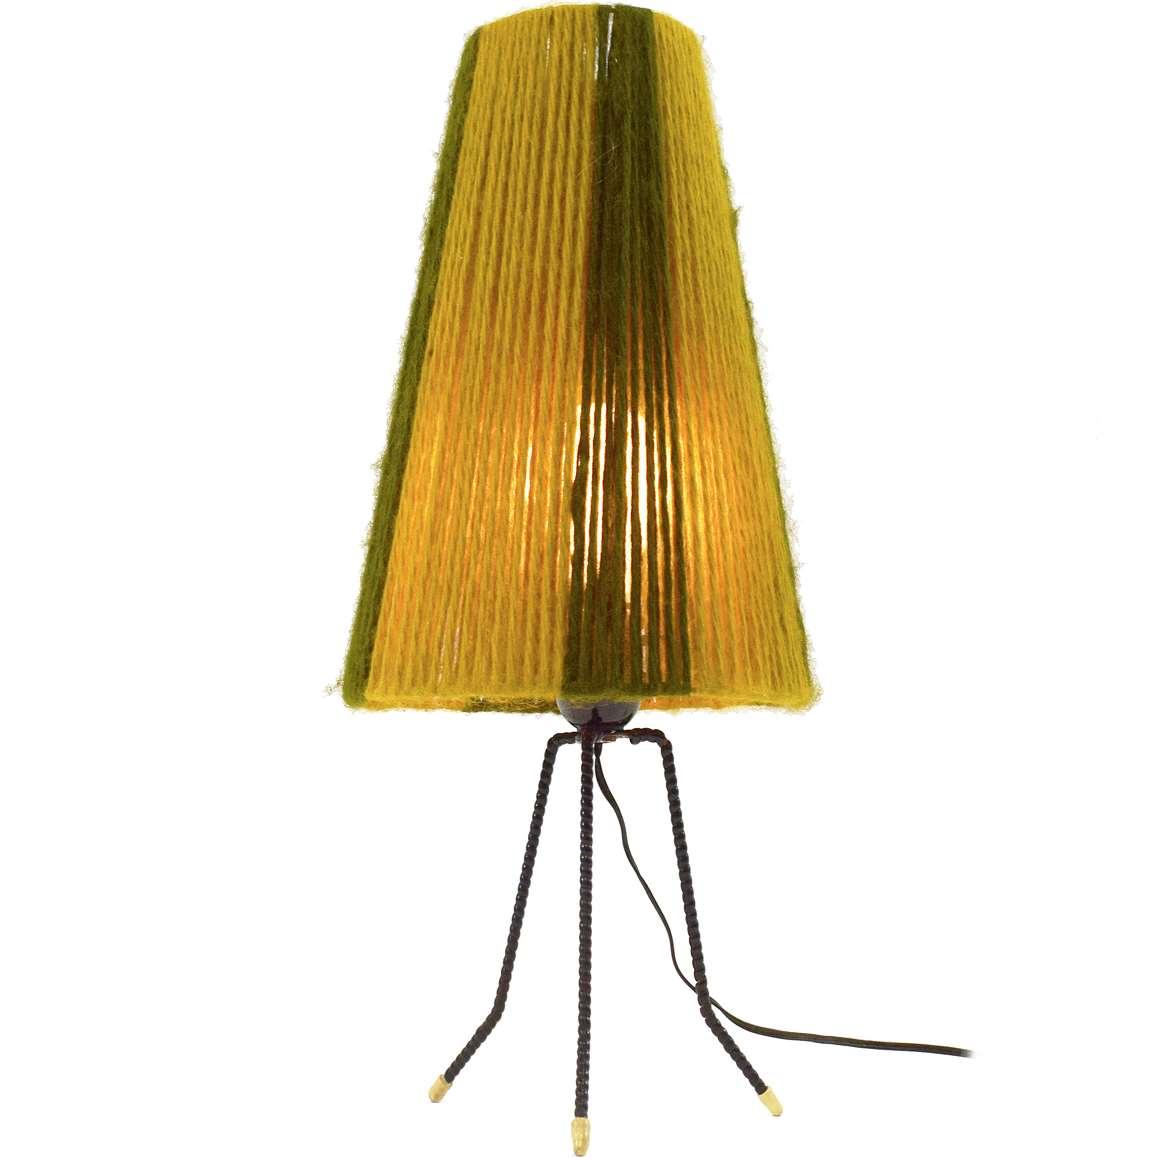 Tripod Wool Table Lamp